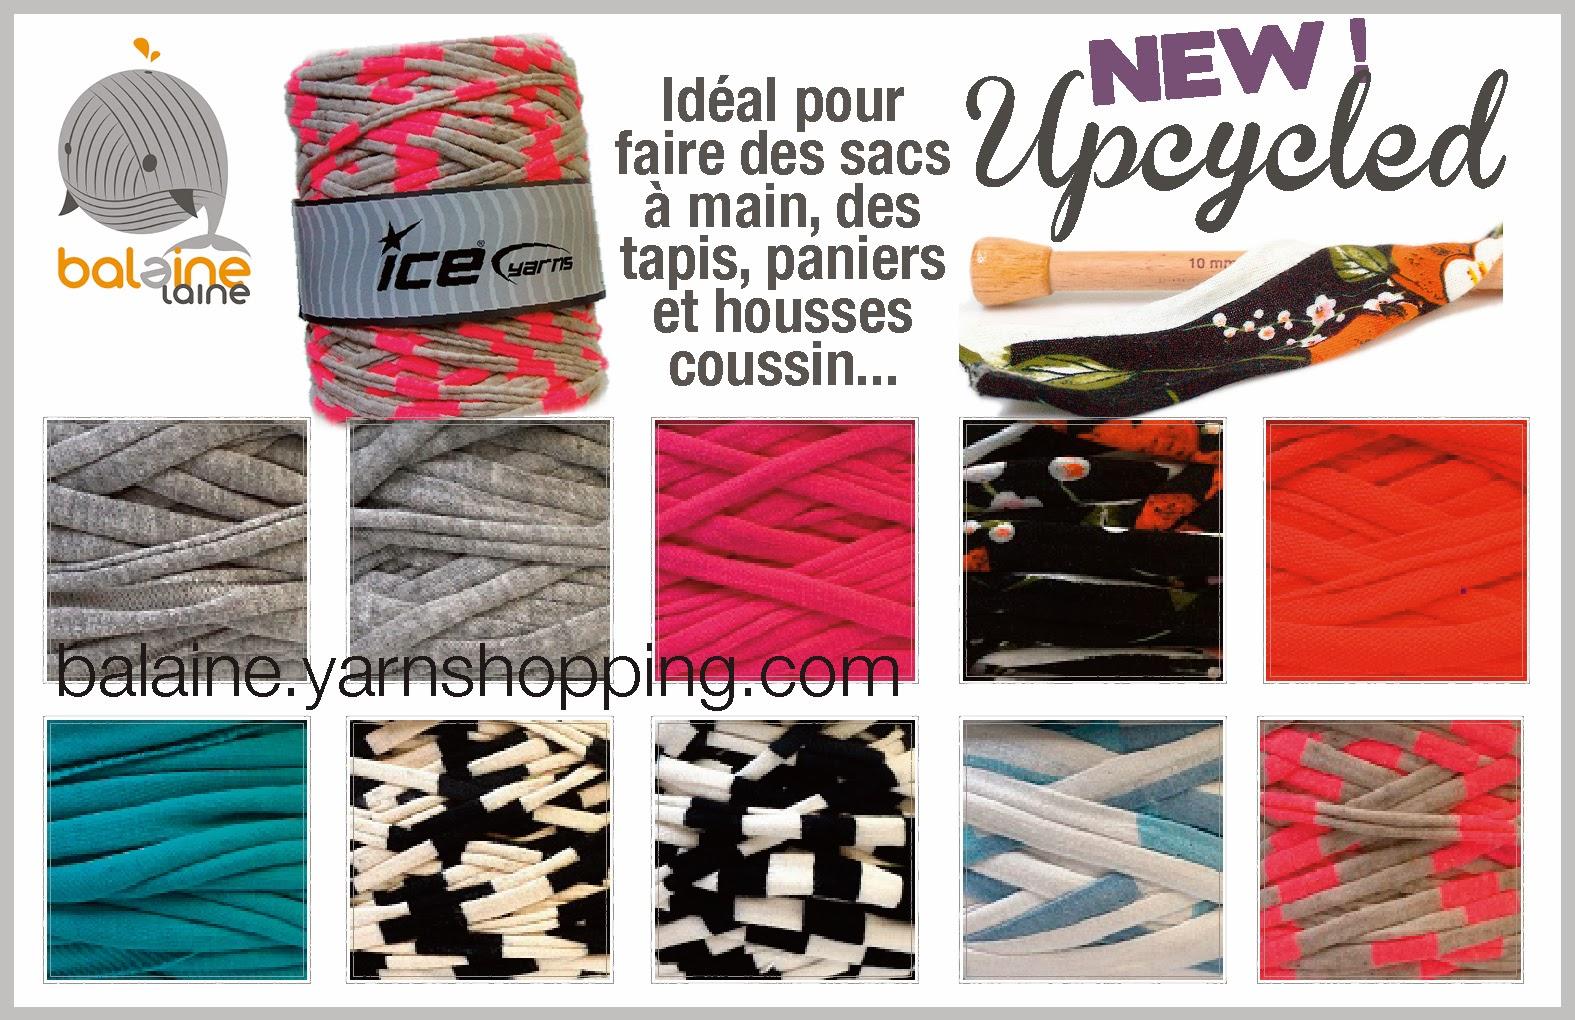 http://balaine.yarnshopping.com/upcycled-fabric